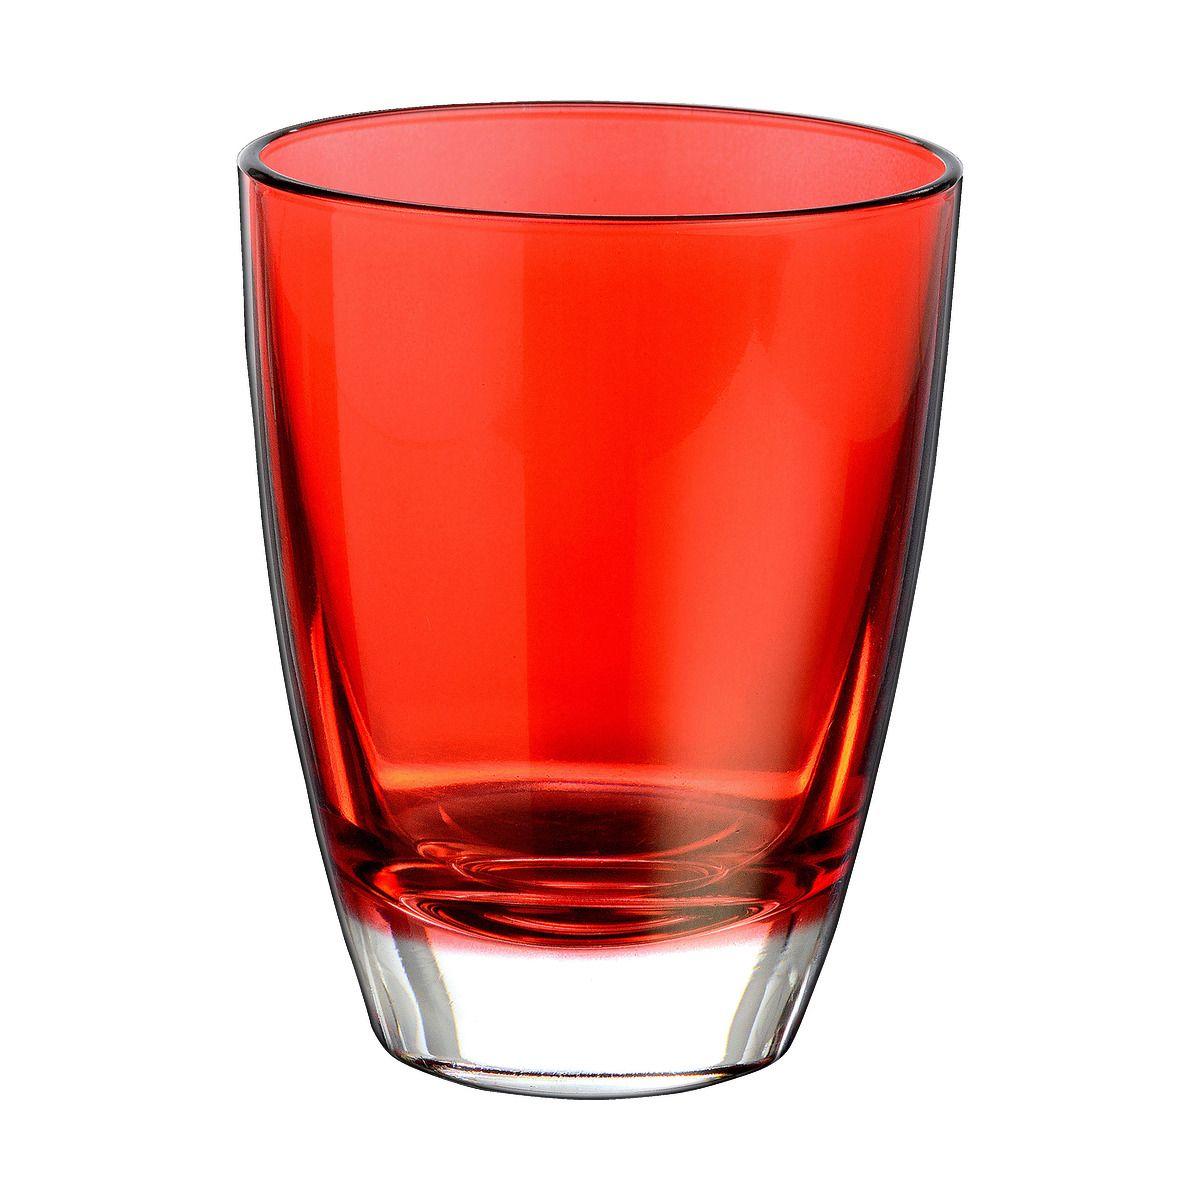 Verre teinté rouge 29cl - ALPI - verre